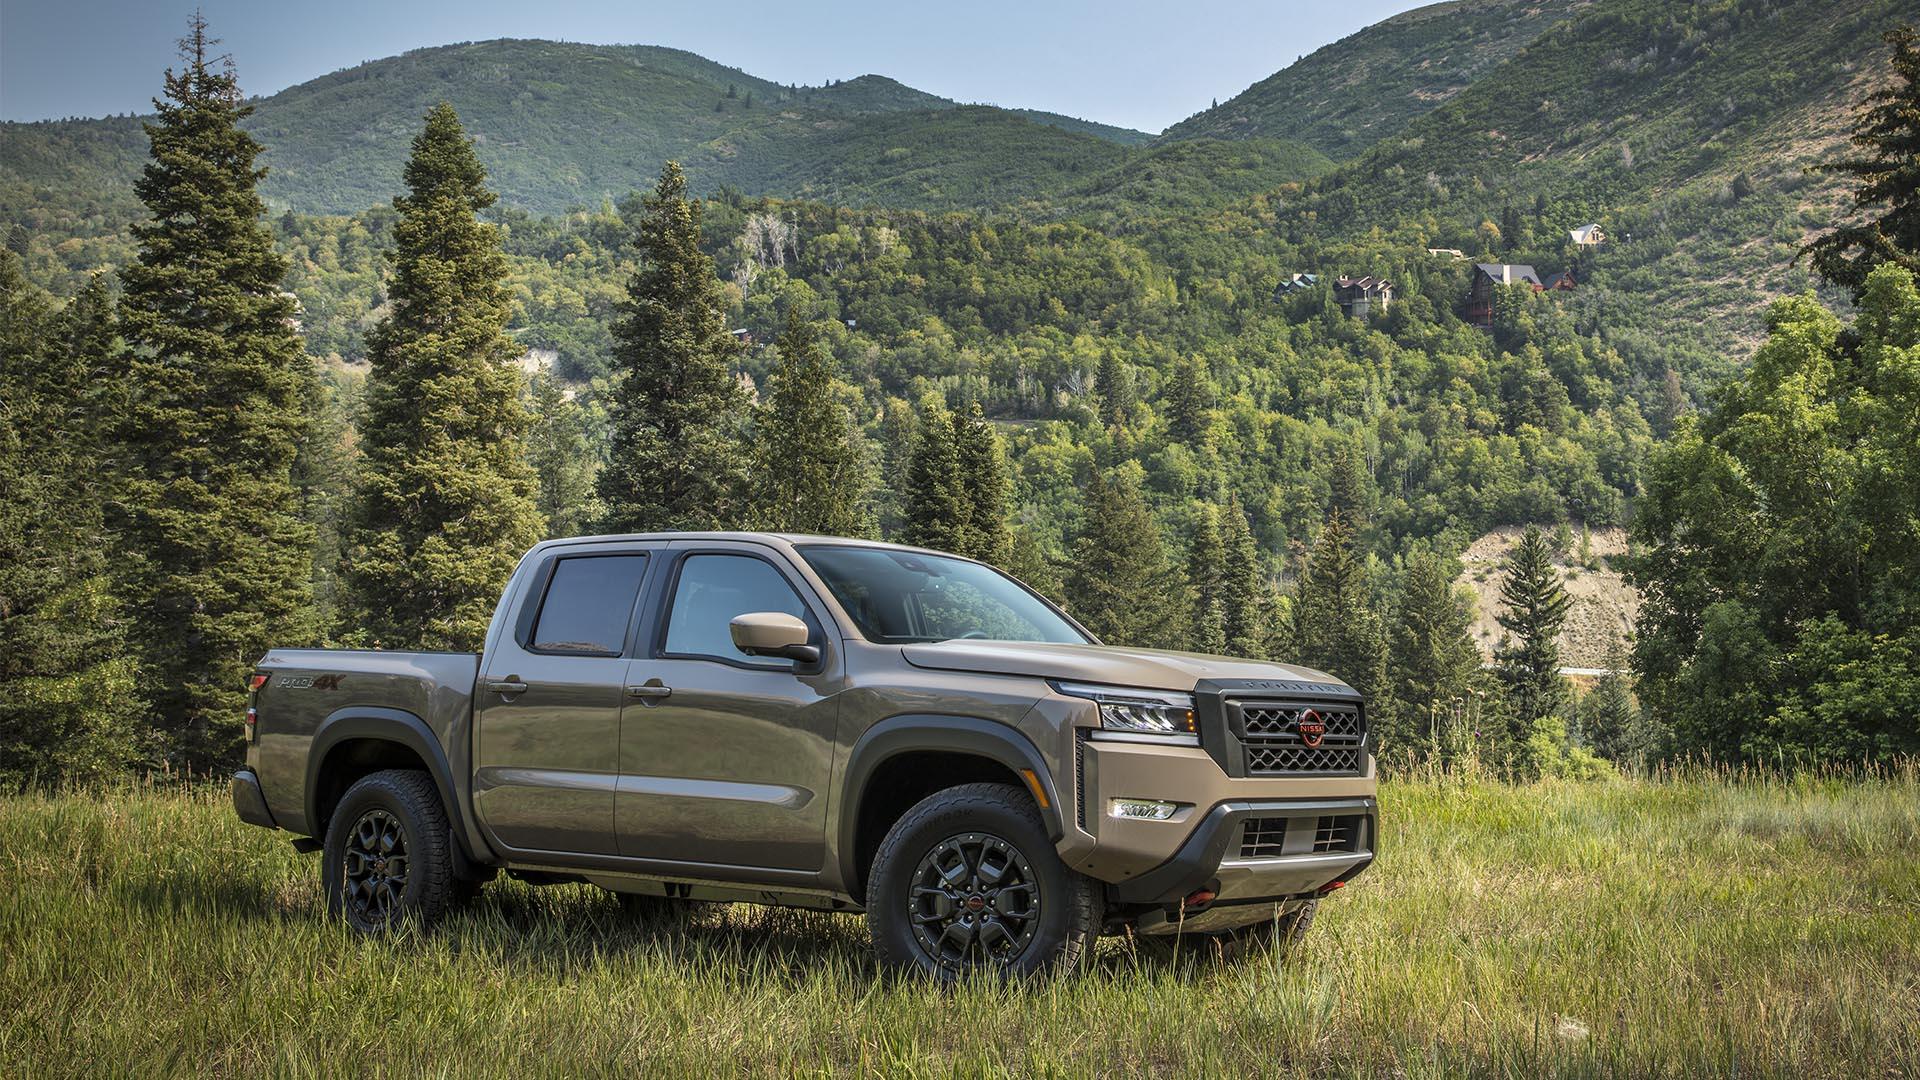 """Nissan Frontier 2022: El """"Nissan Navara americano"""" que da algunas pistas sobre el próximo Navara europeo"""